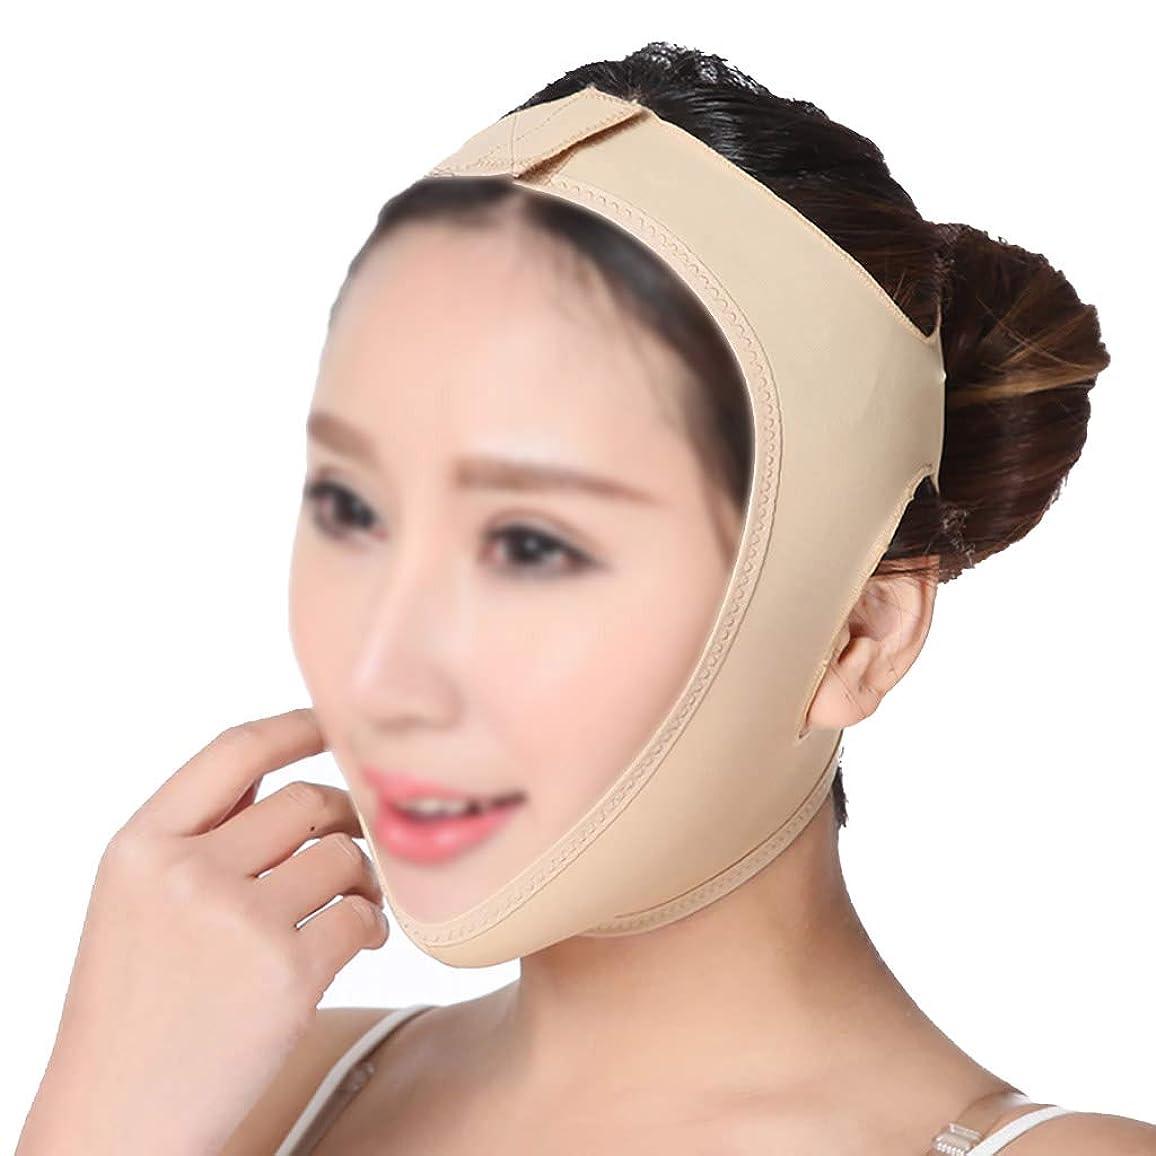 ステーキ批判的にそんなにXHLMRMJ 薄い顔包帯顔スリム二重あごを取り除くVラインの顔の形を作成するあごの頬リフトアップ抗しわを持ち上げるベルトフェイスマッサージツール (Size : XL)